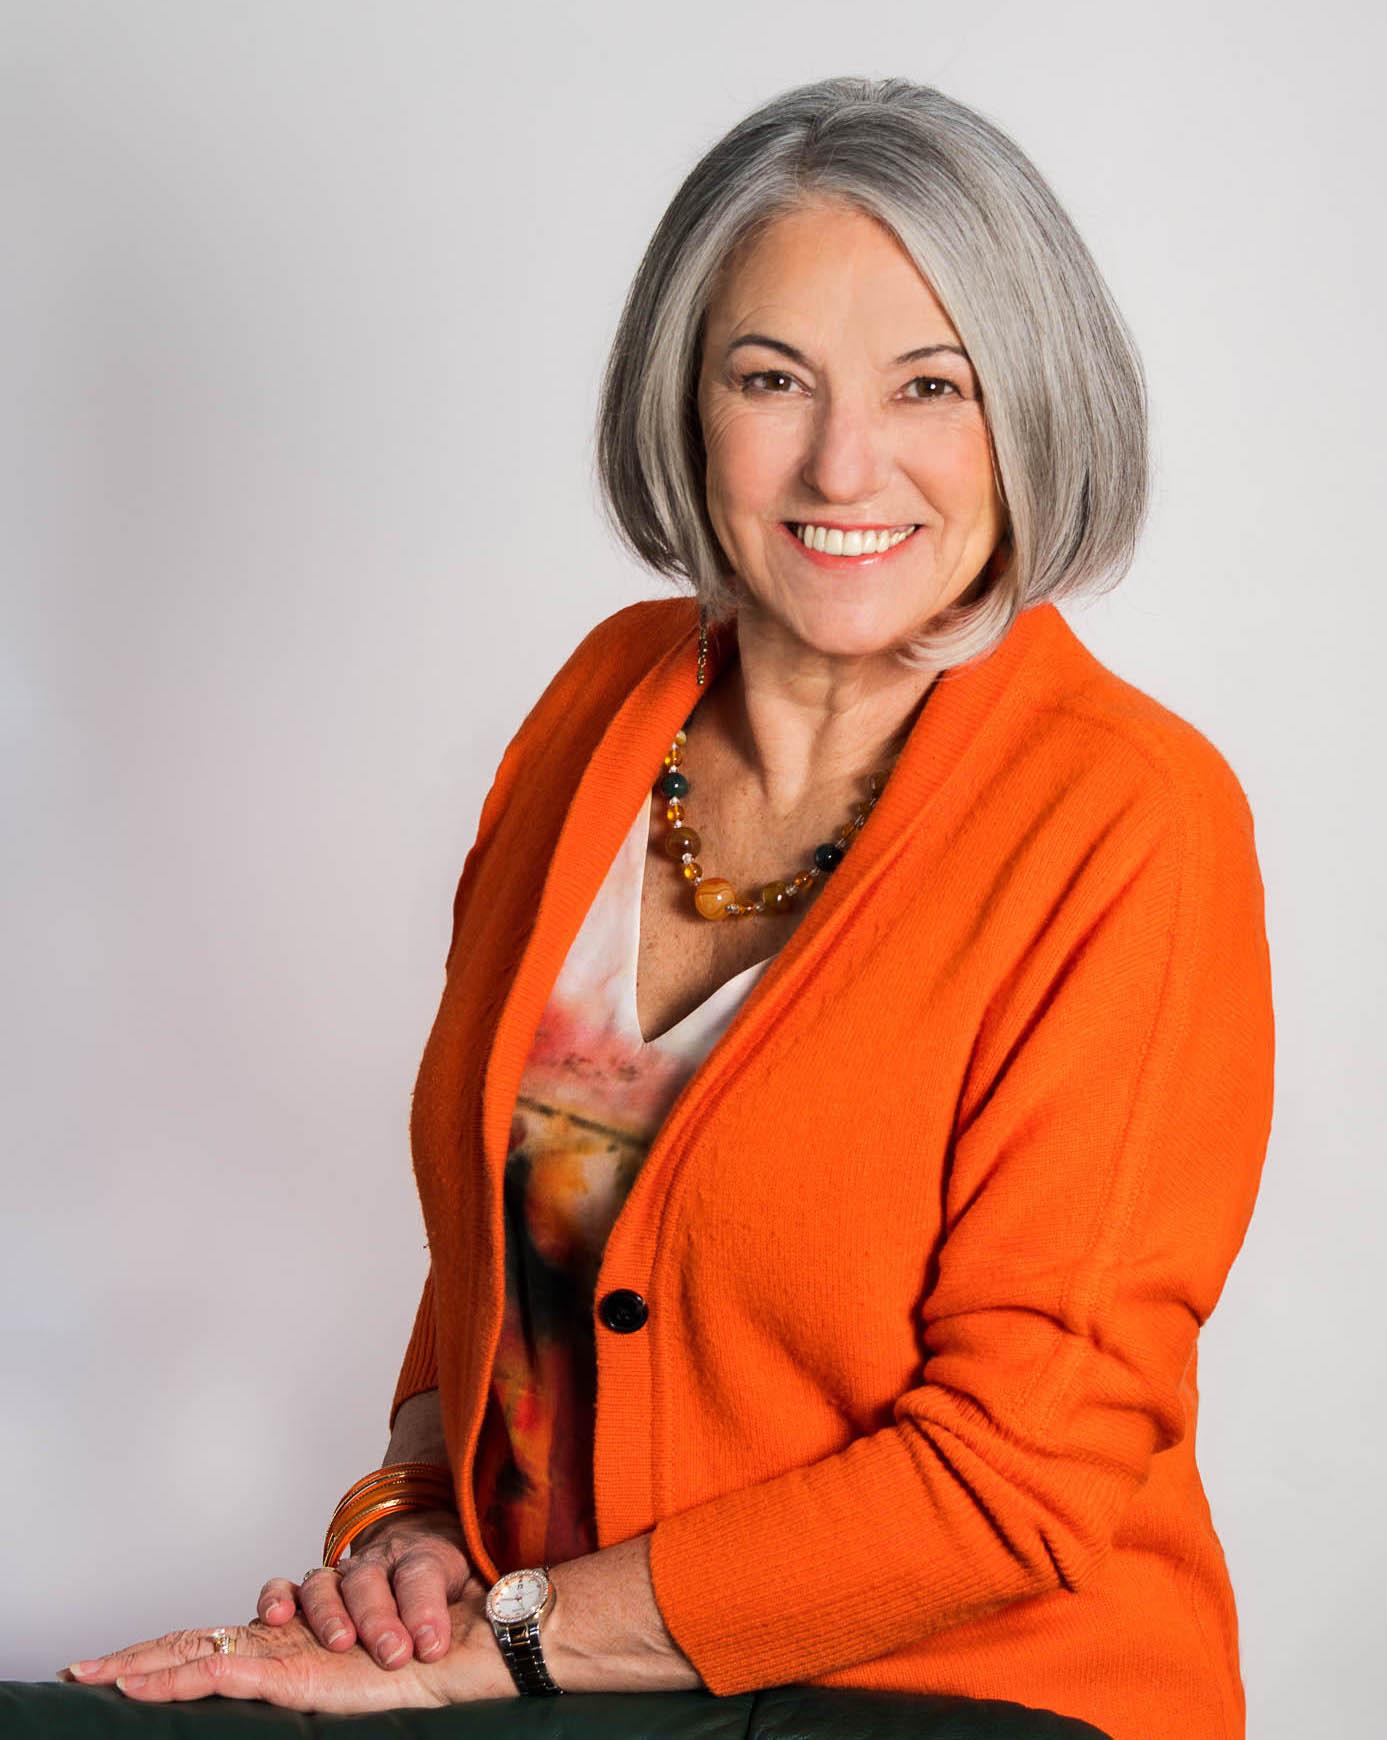 Linda Babulic